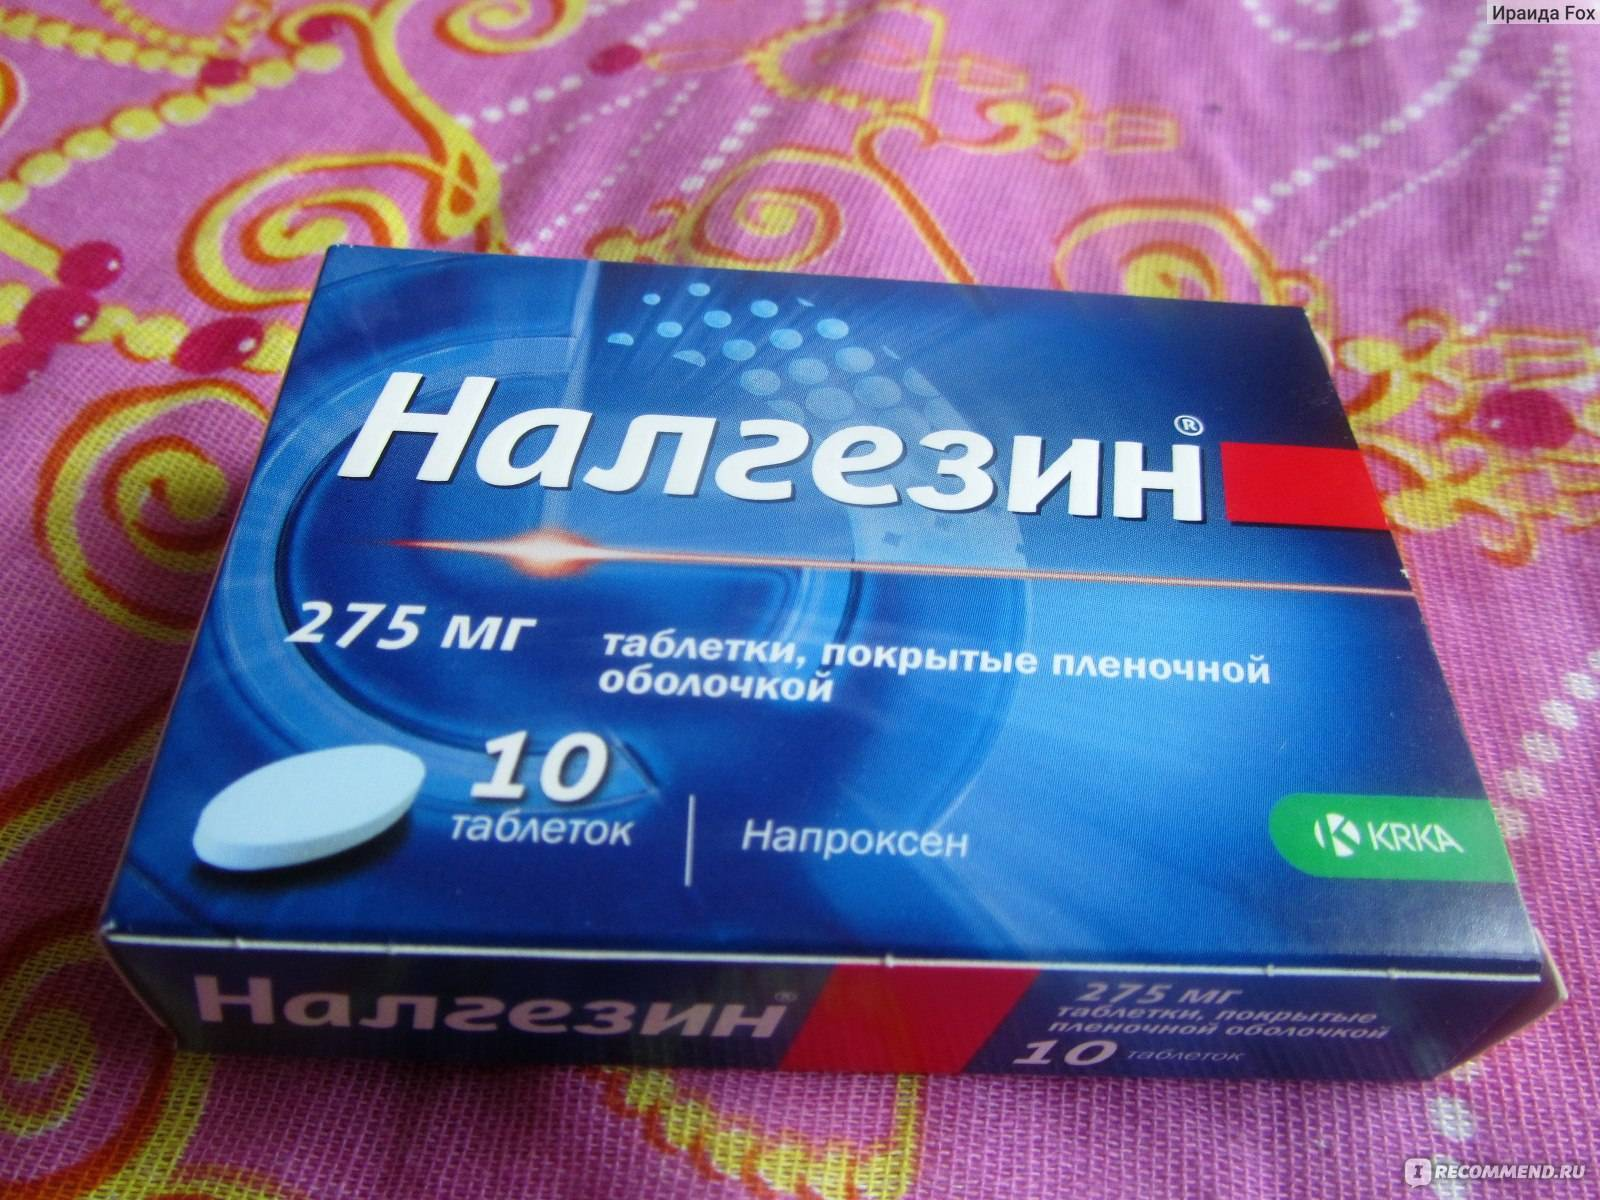 Таблетки от зубной боли: какое обезболивающее лучше